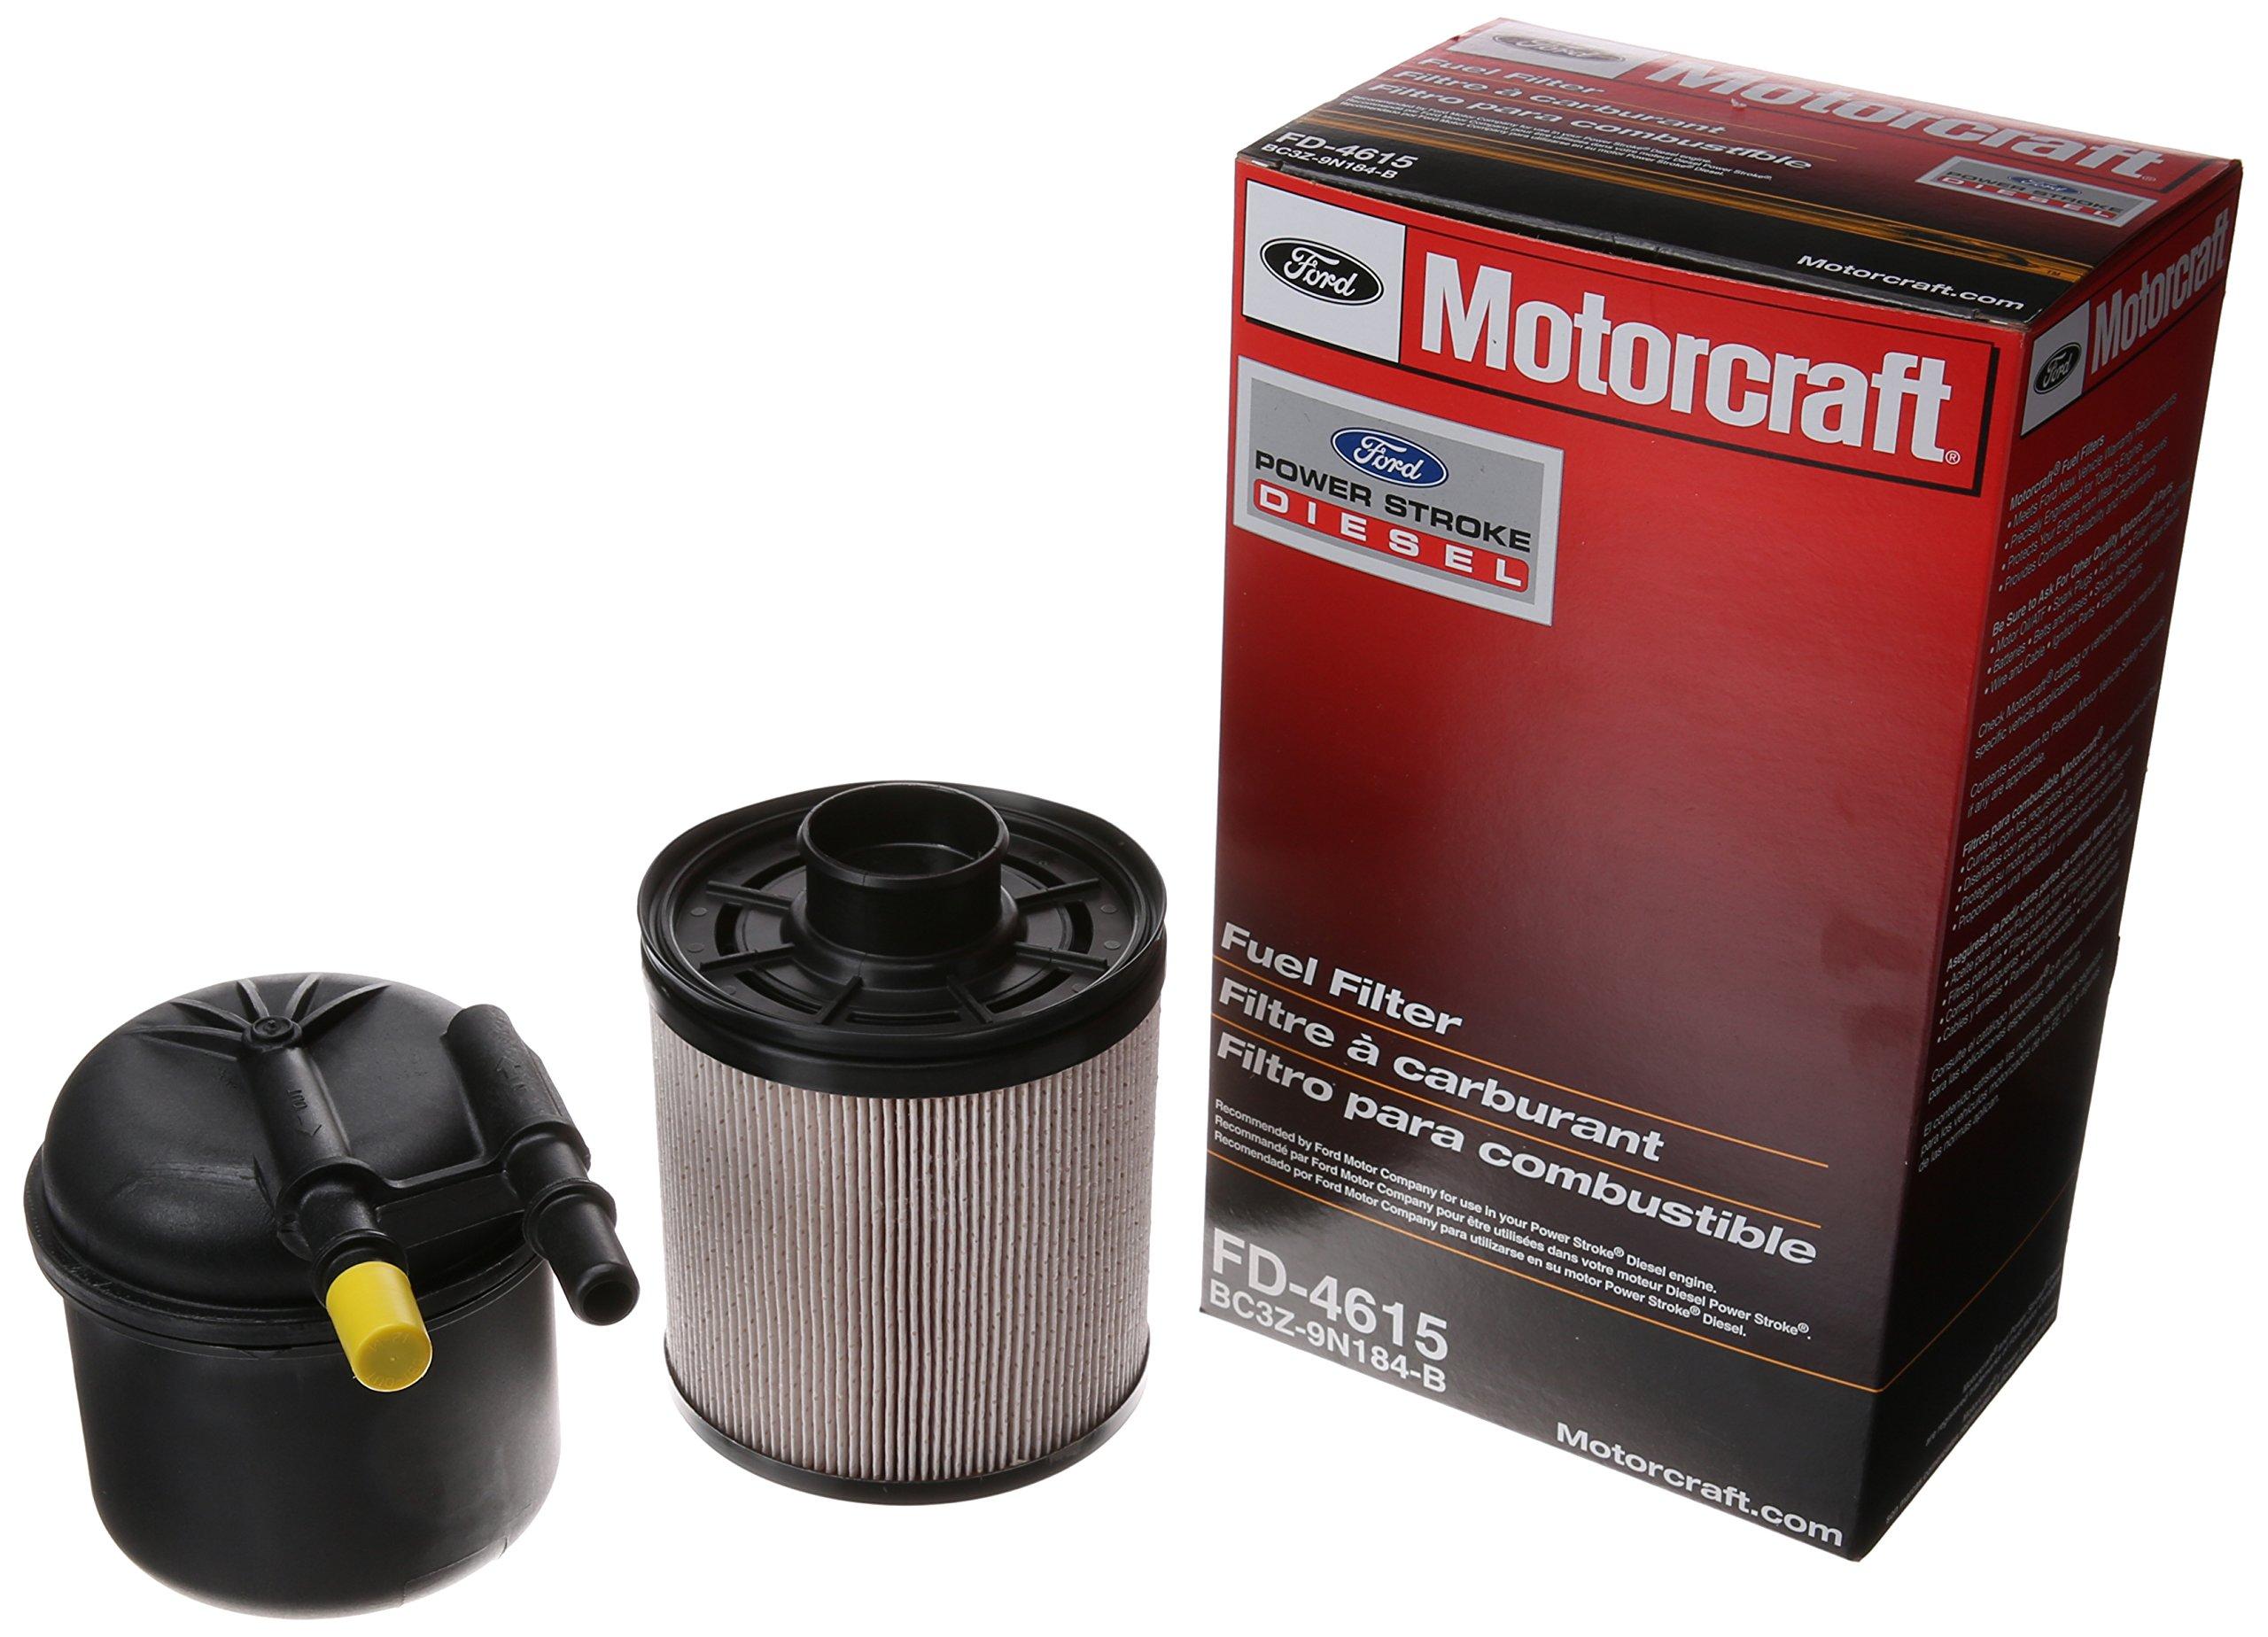 Motorcraft FD-4615 Fuel Filter by Motorcraft